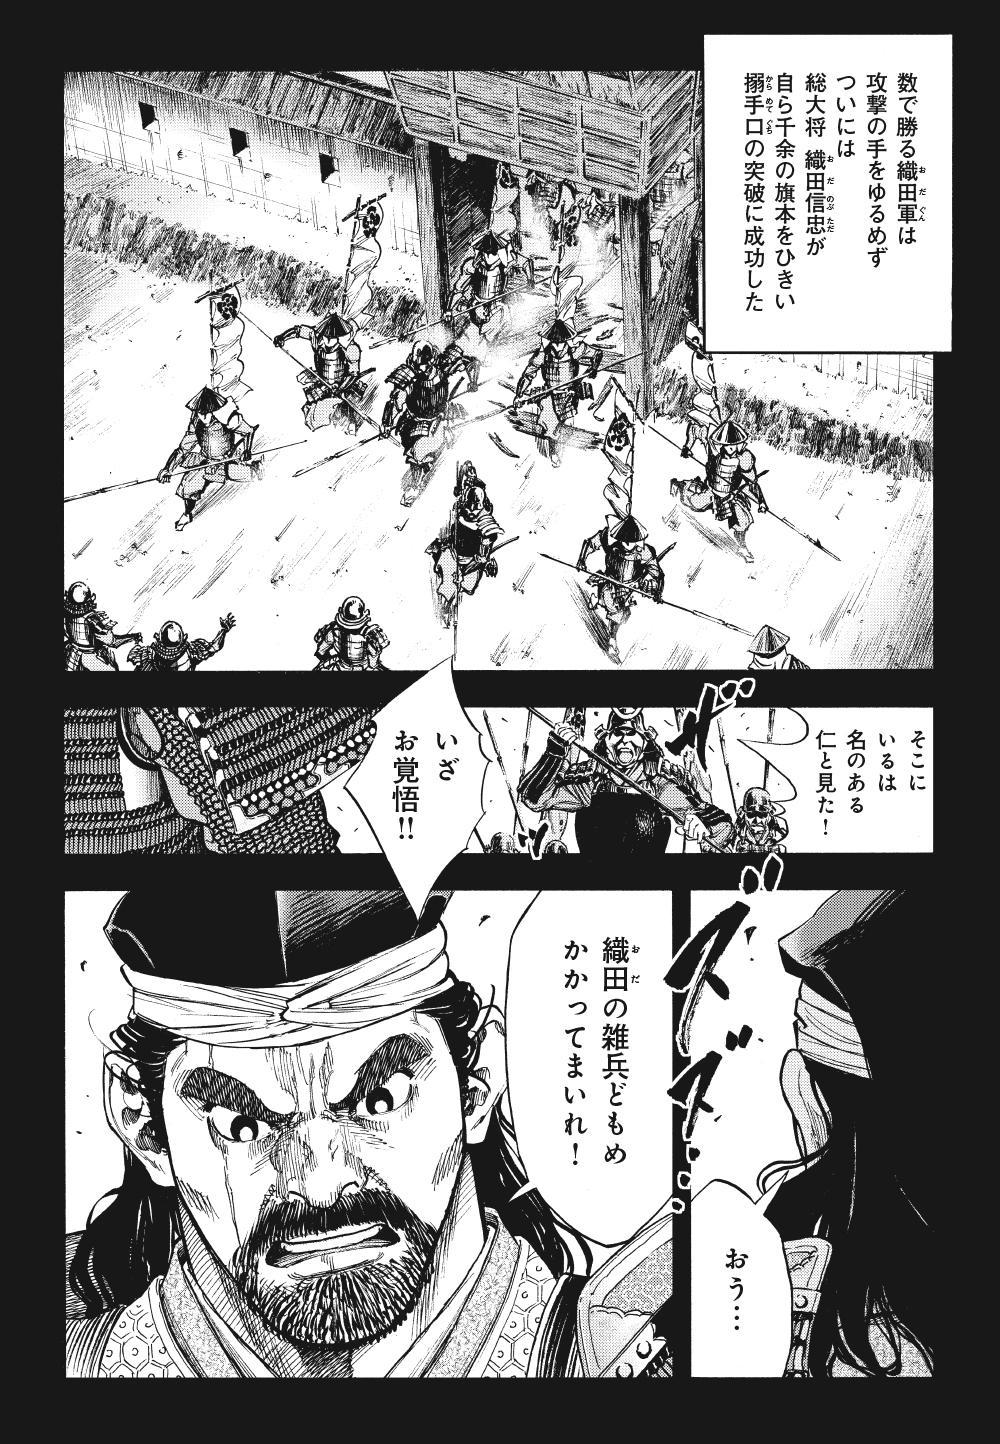 真田太平記 第2話「万死一生」sanada06-10.jpg